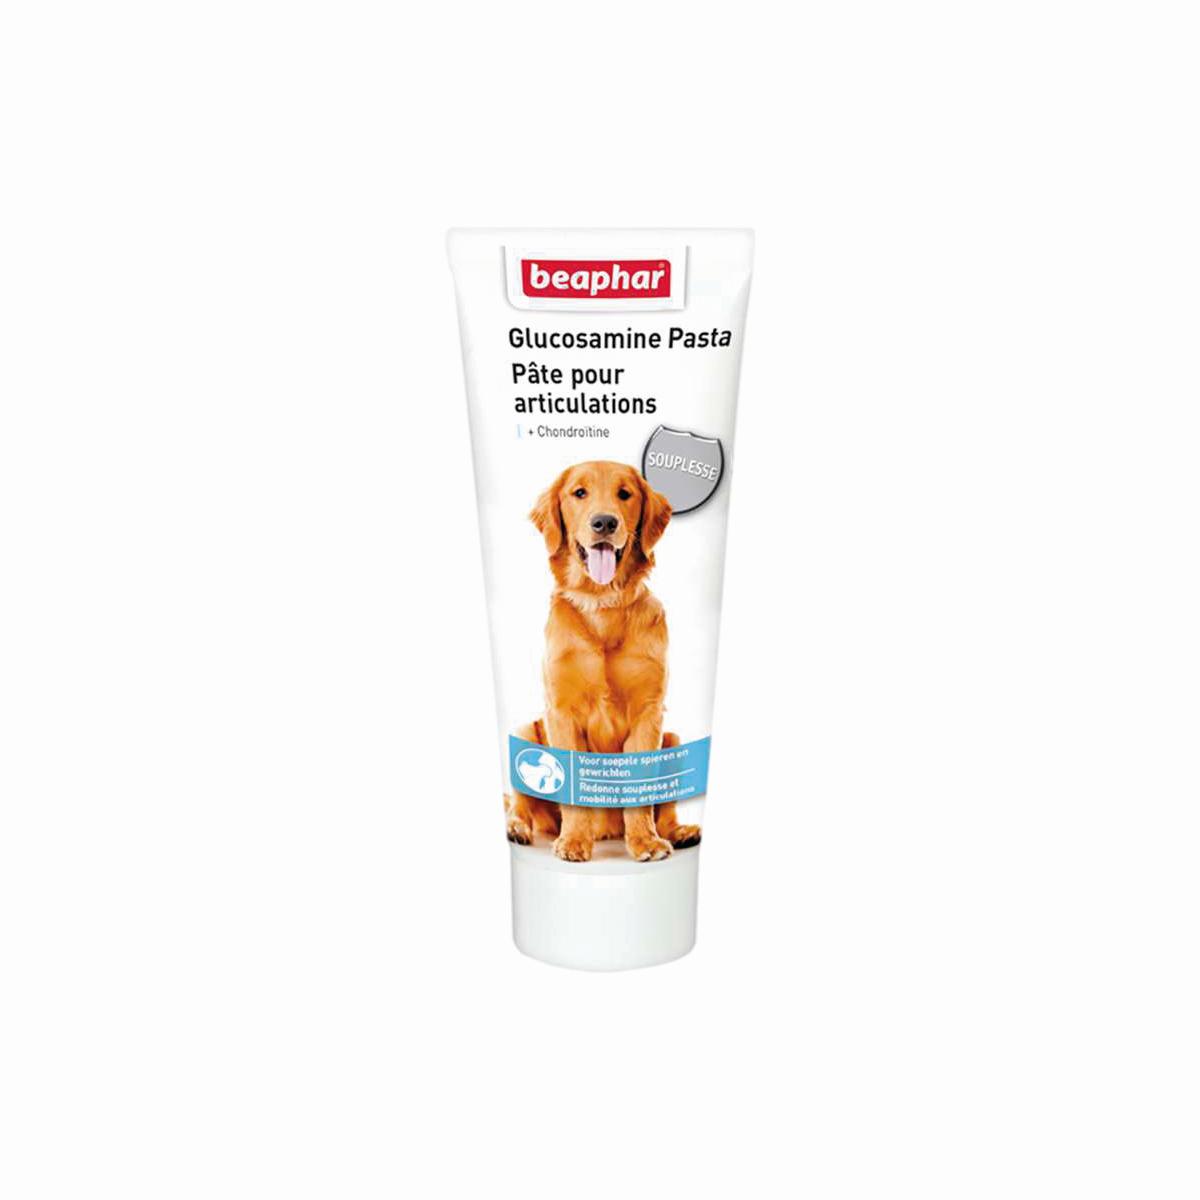 Beaphar Glucosamine Pasta voor de hond 250 ml